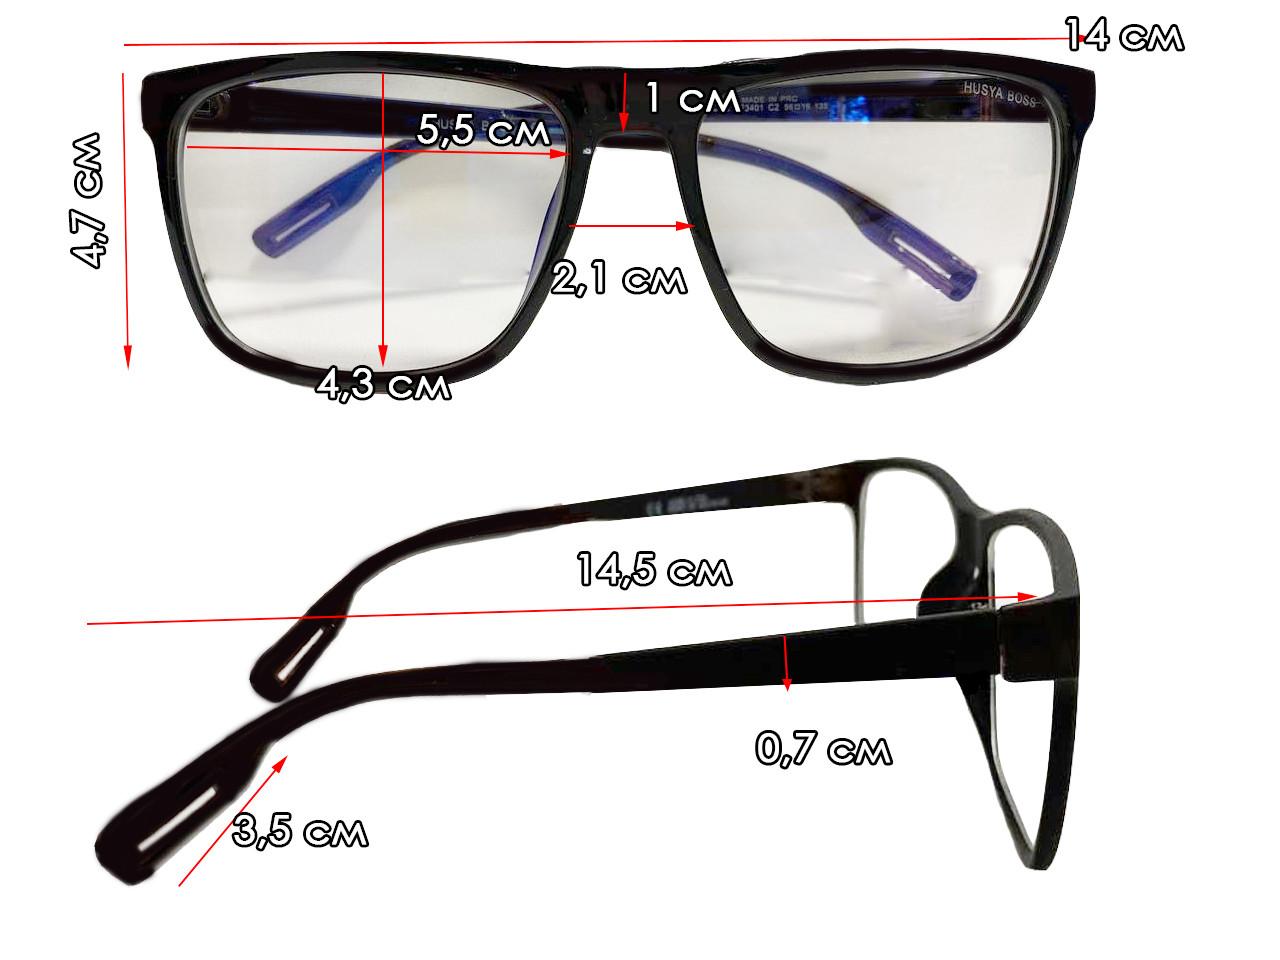 Компьютерные очки хамелеоны с тоненькой душкой узкая оправа матовая Husya boss черные - фото 2